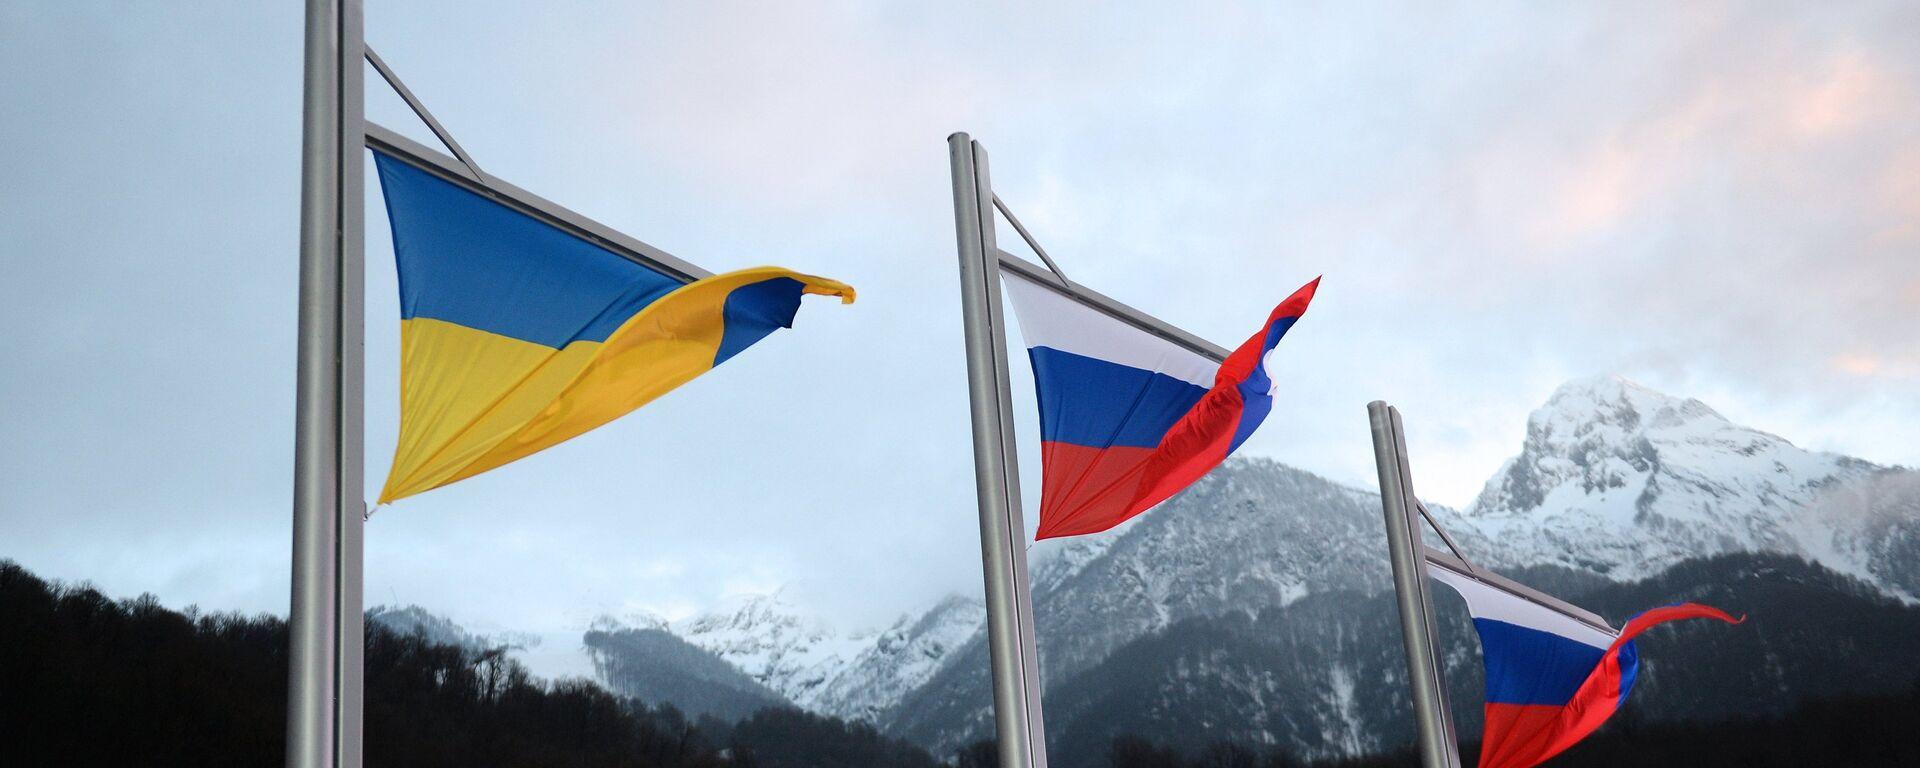 Banderas de Rusia y Ucrania - Sputnik Mundo, 1920, 26.03.2021